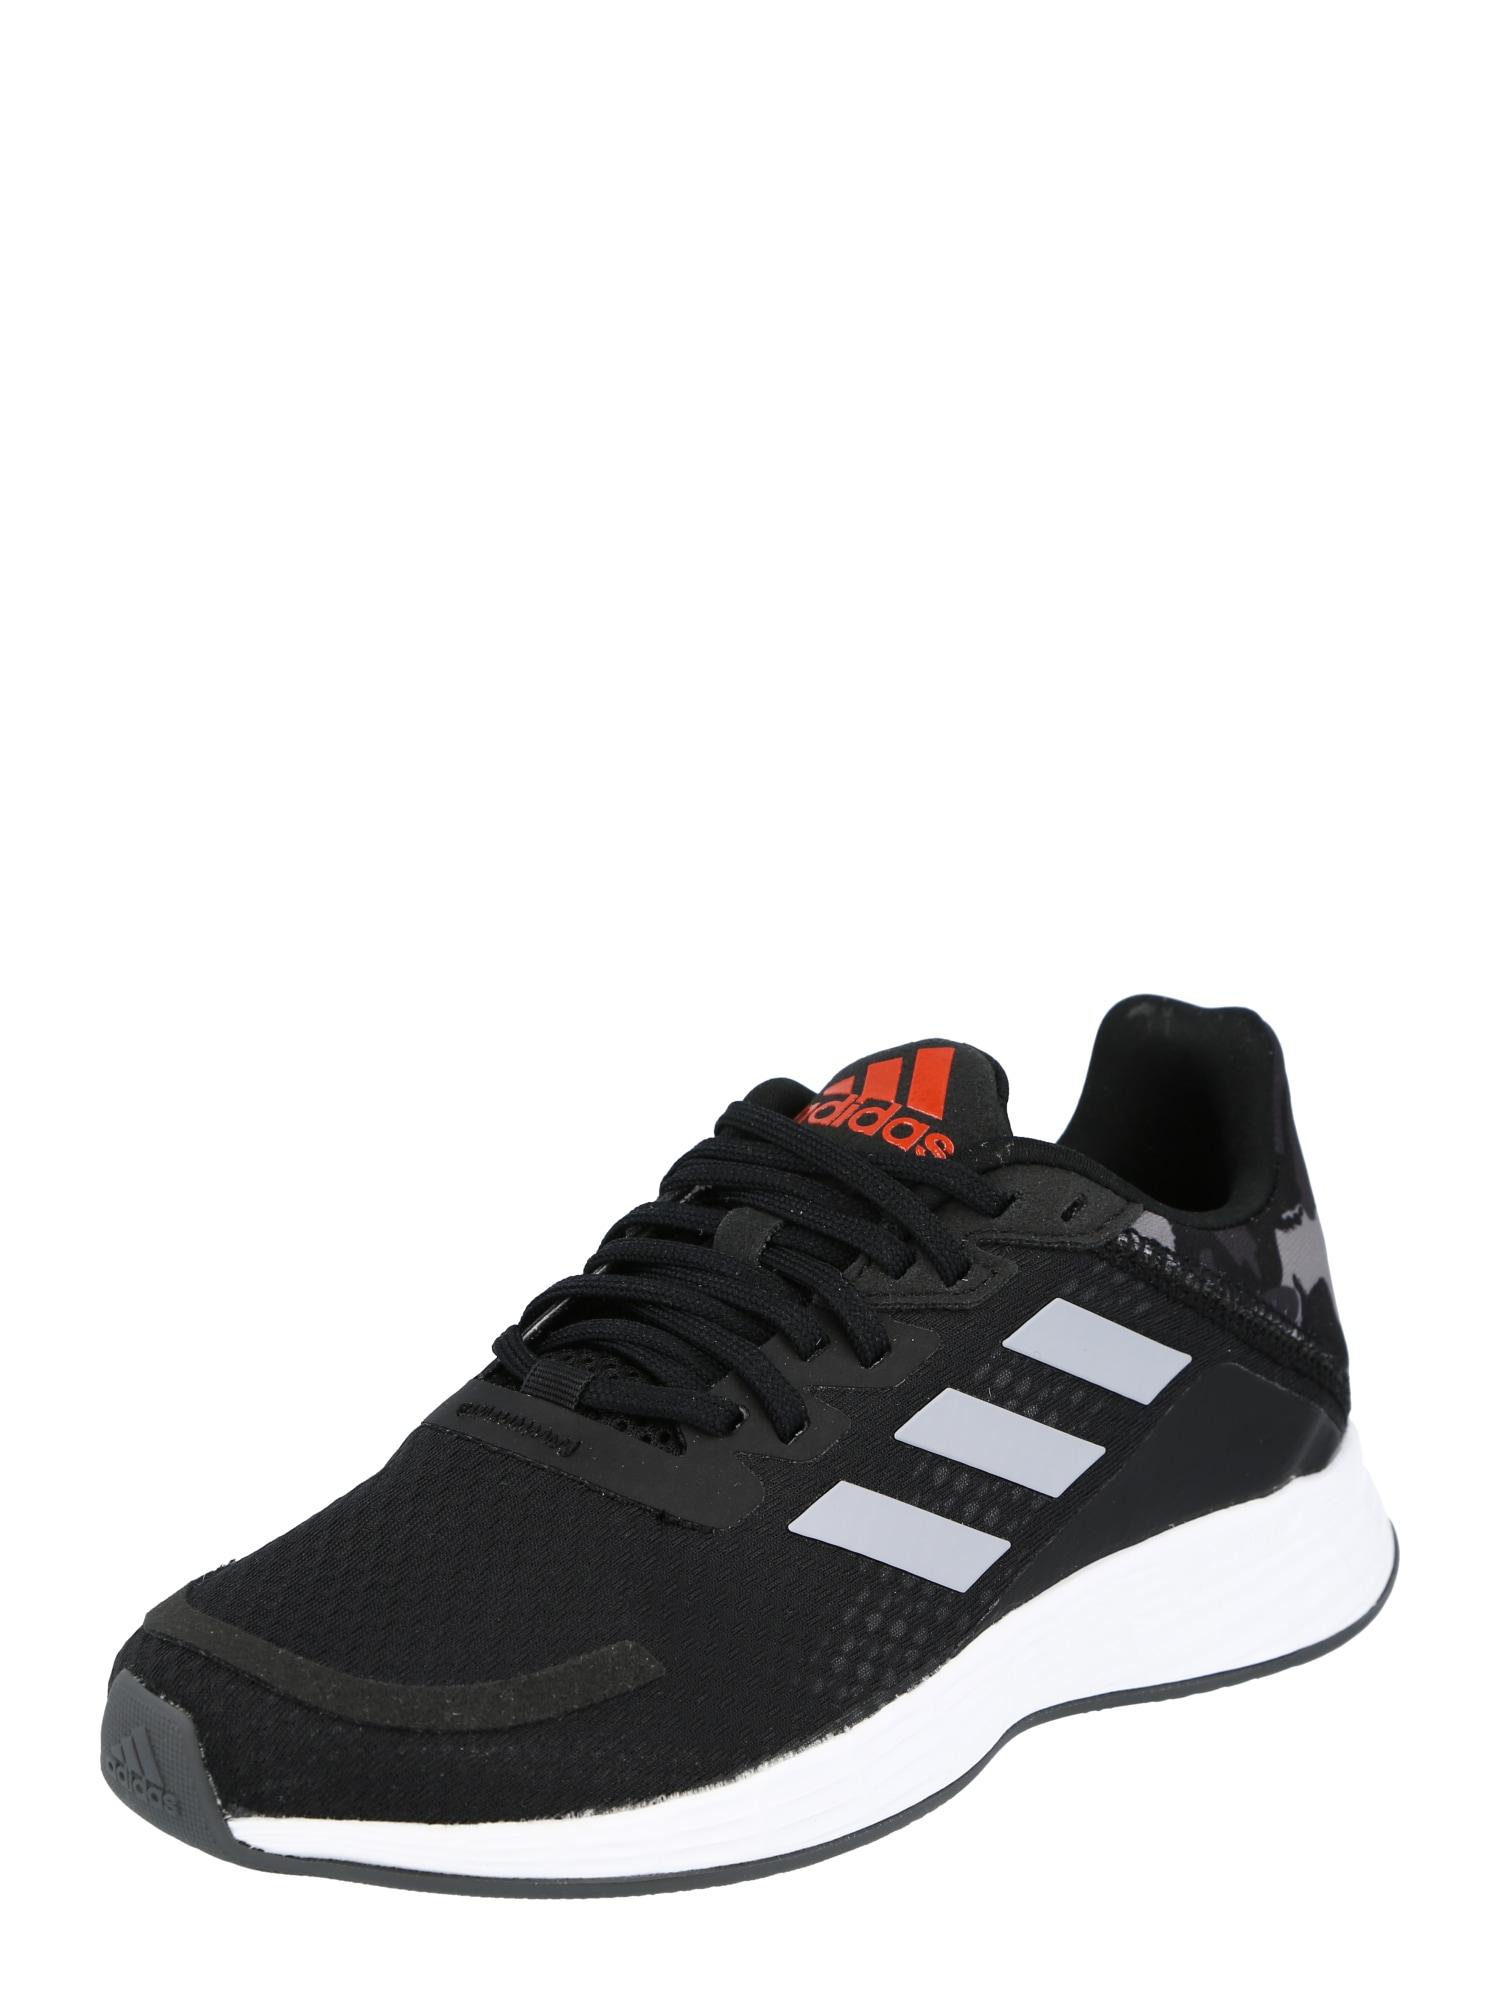 ADIDAS PERFORMANCE Sportiniai batai 'DURAMO' juoda / balta / šviesiai raudona